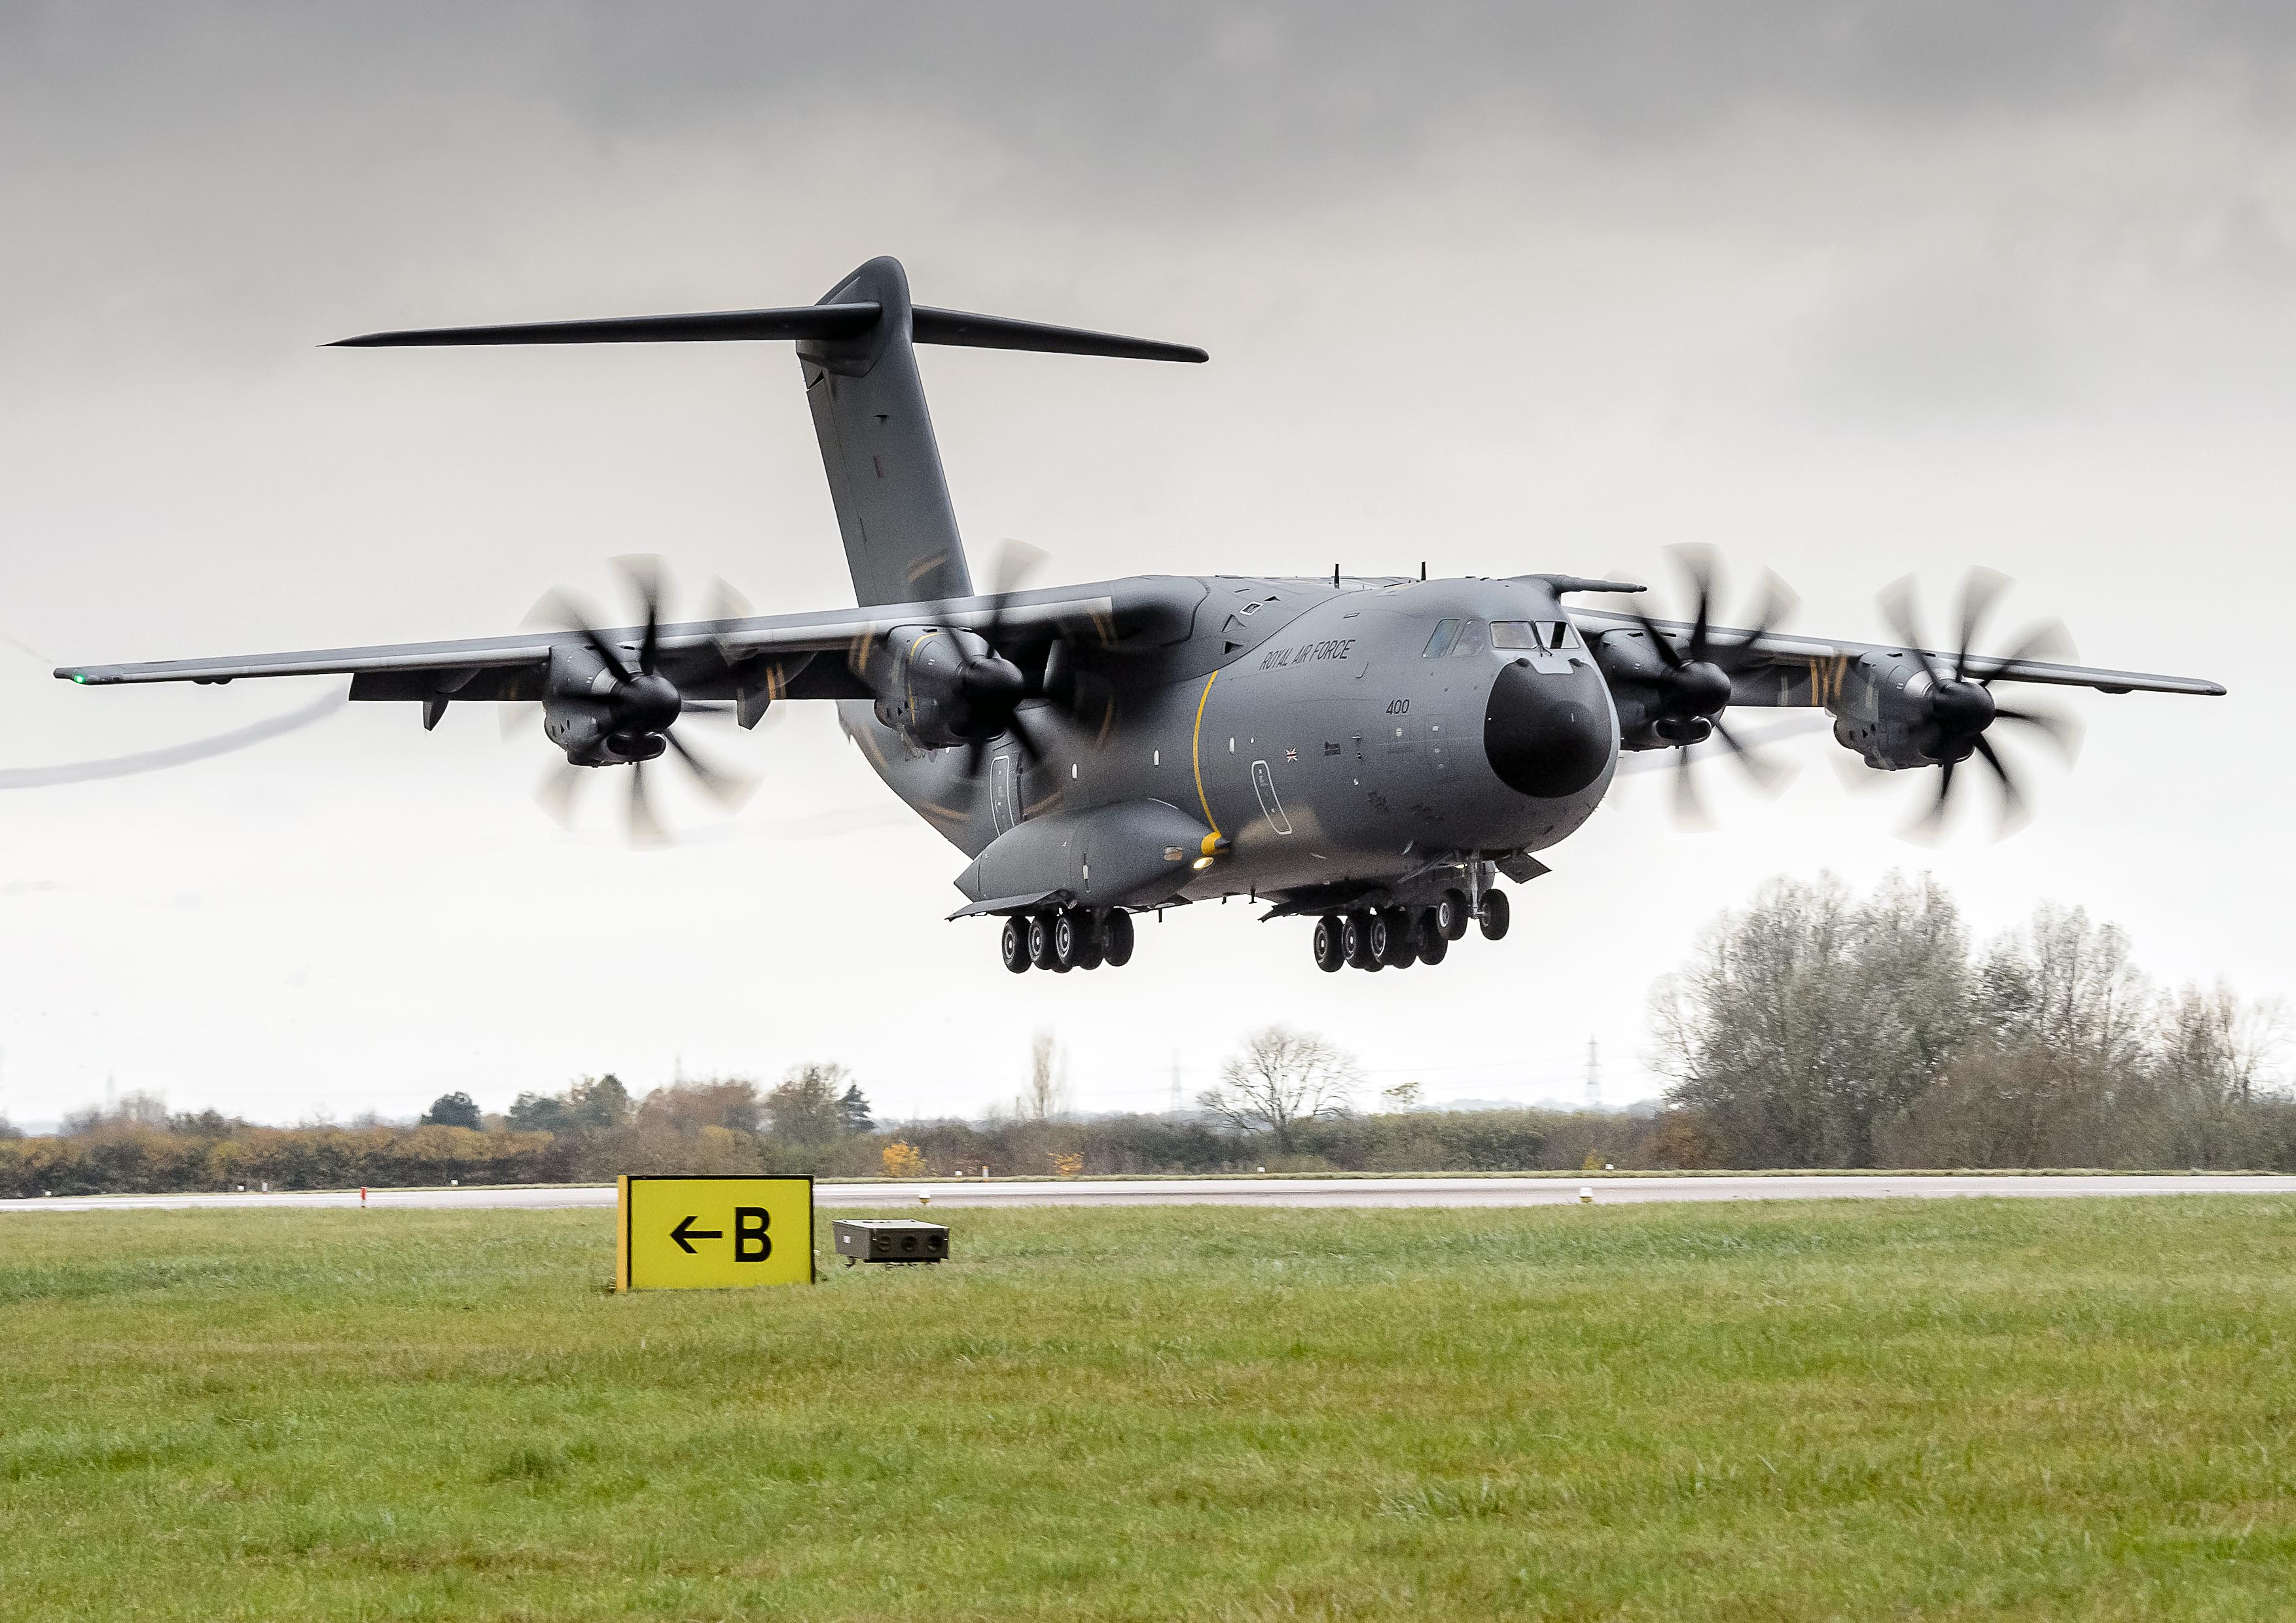 Обои истребители, Royal Air Force, сопровождение, самолеты, Red arrows, транспортный, Airbus A400M Atlas, четырёхмоторный, Красные стрелы. Авиация foto 17